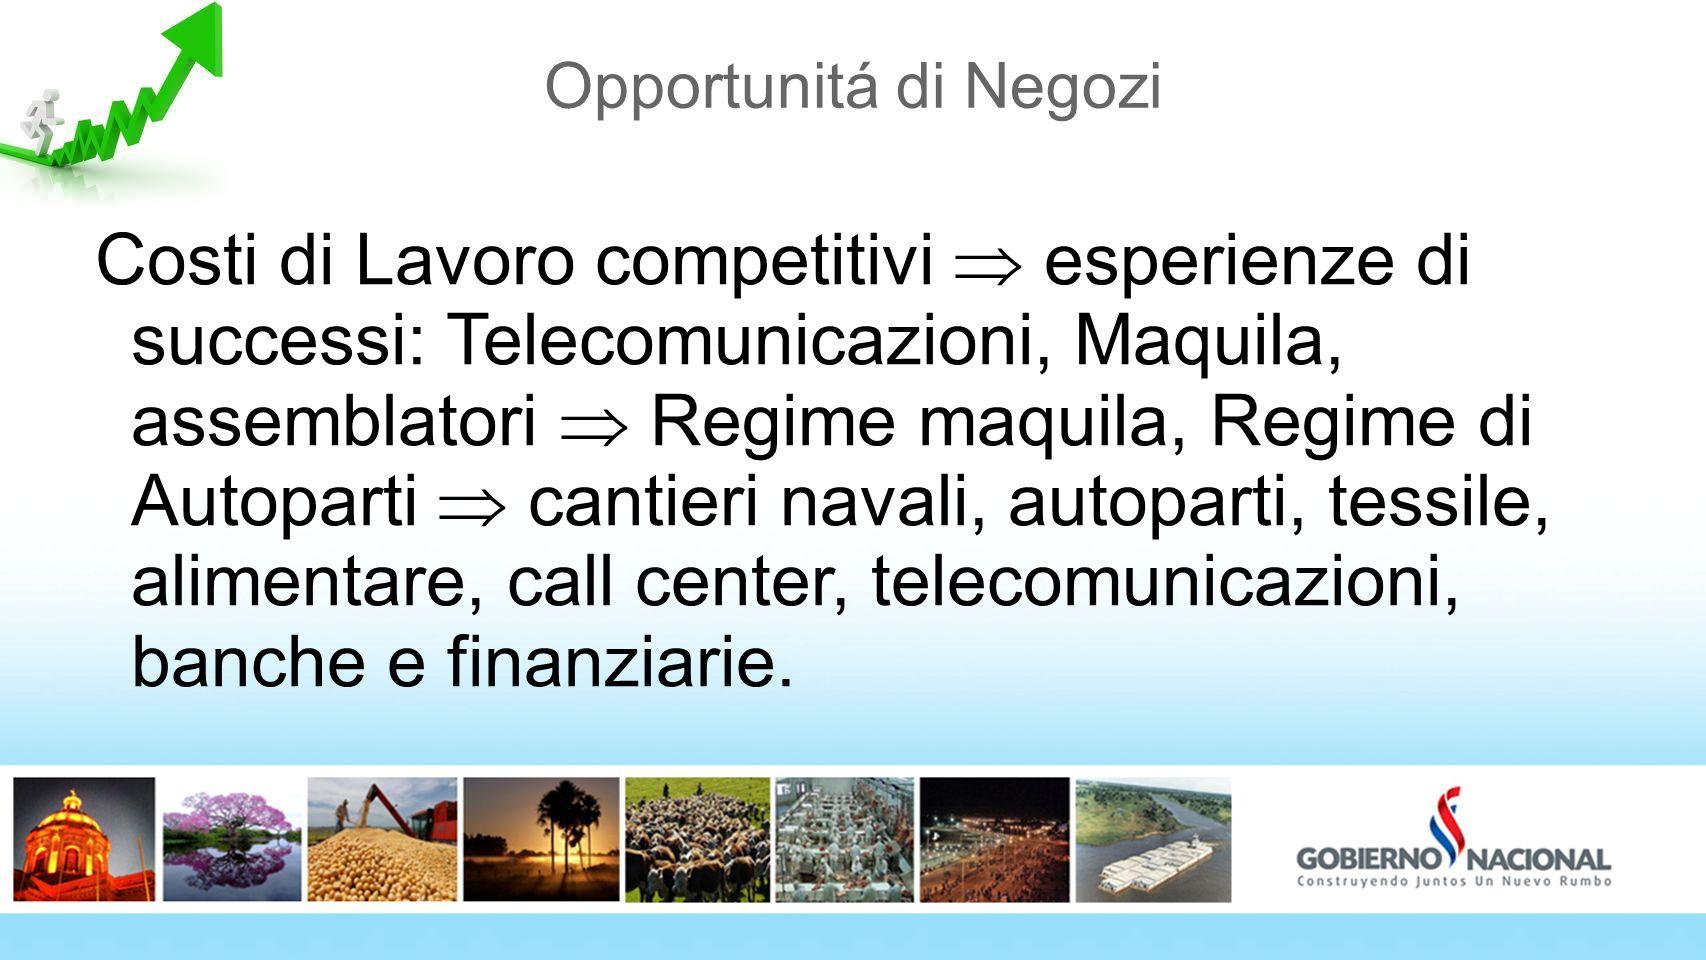 1616 Opportunitá di Negozi.